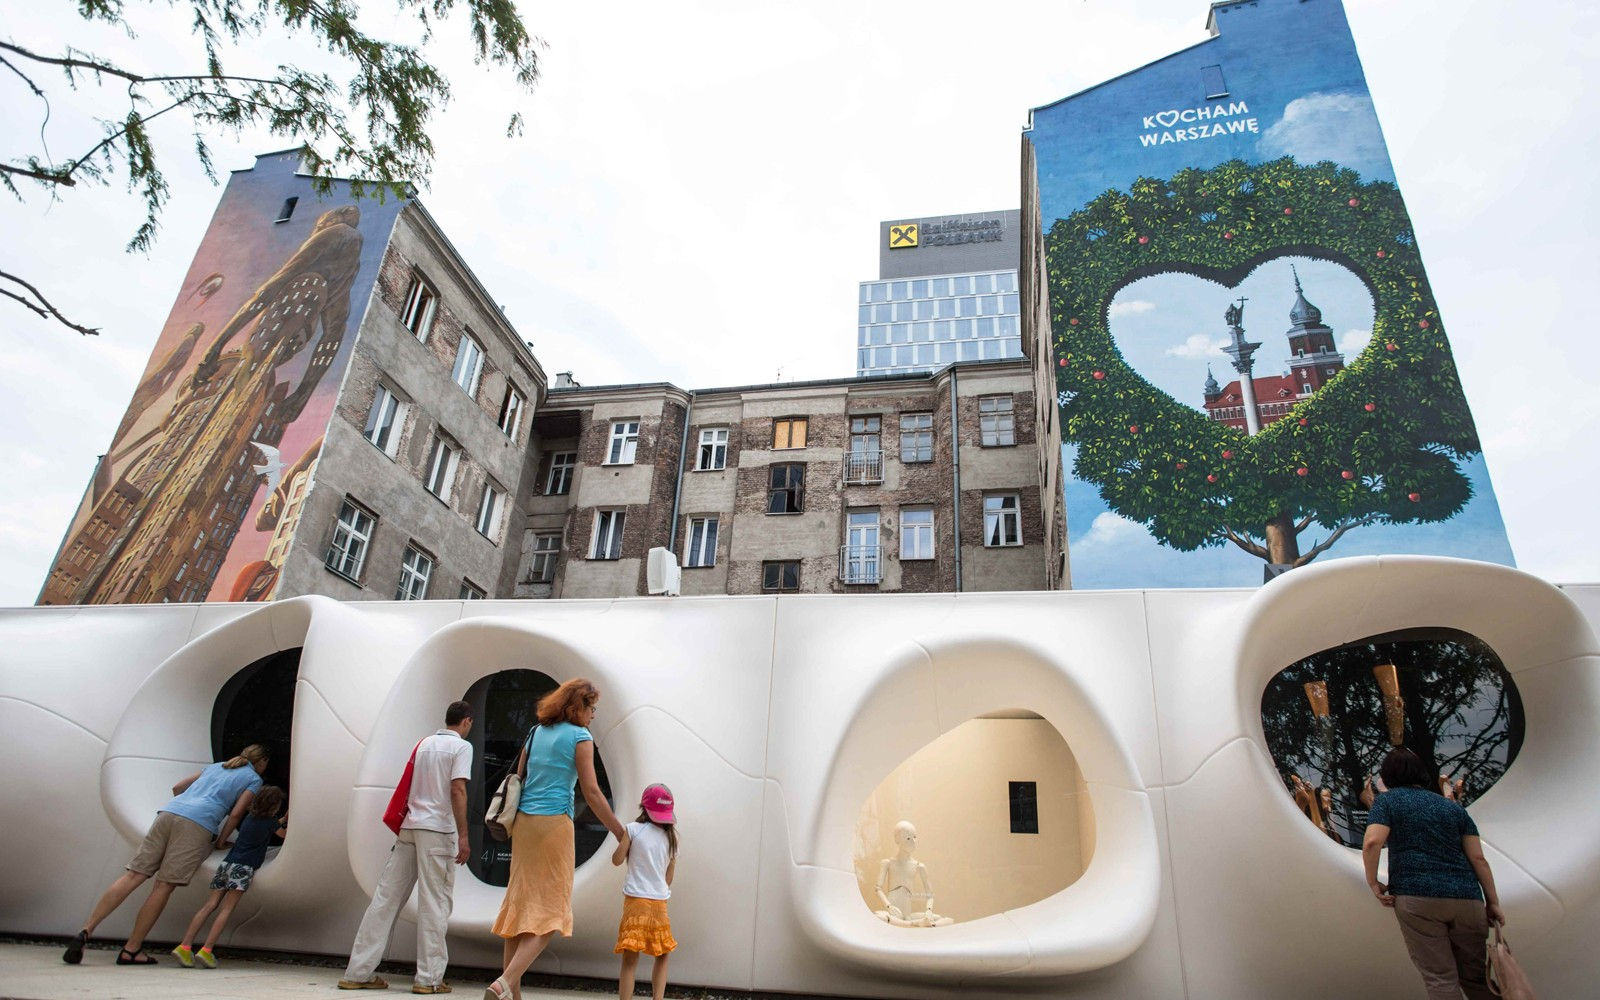 Murale-namalowane-przy-wiezowcu-Warsaw-Spire-w-Warszawie-wedlug-projektow-Rafala-Olbinskiego-oraz-Francois-Schuiten_auto_160